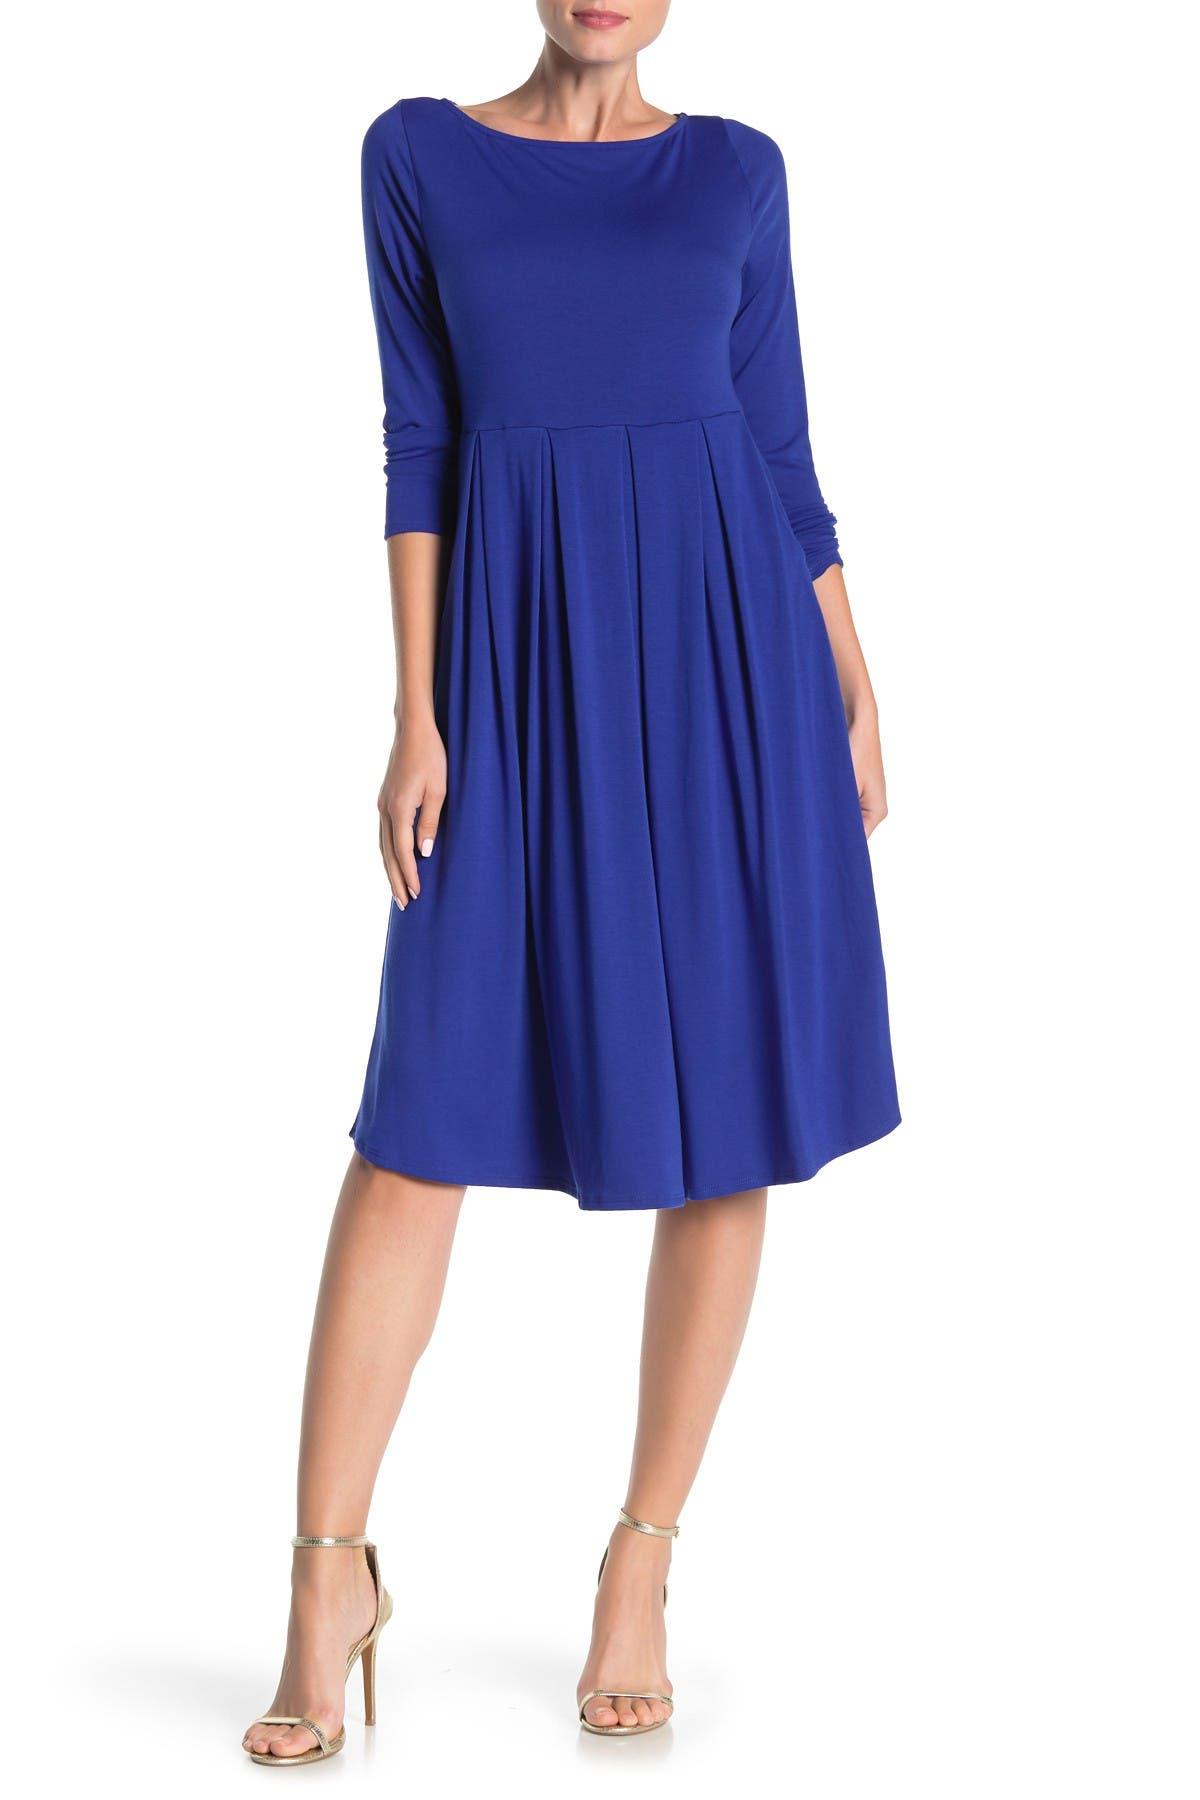 Image of WEST KEI Boatneck Long Sleeve Midi Dress